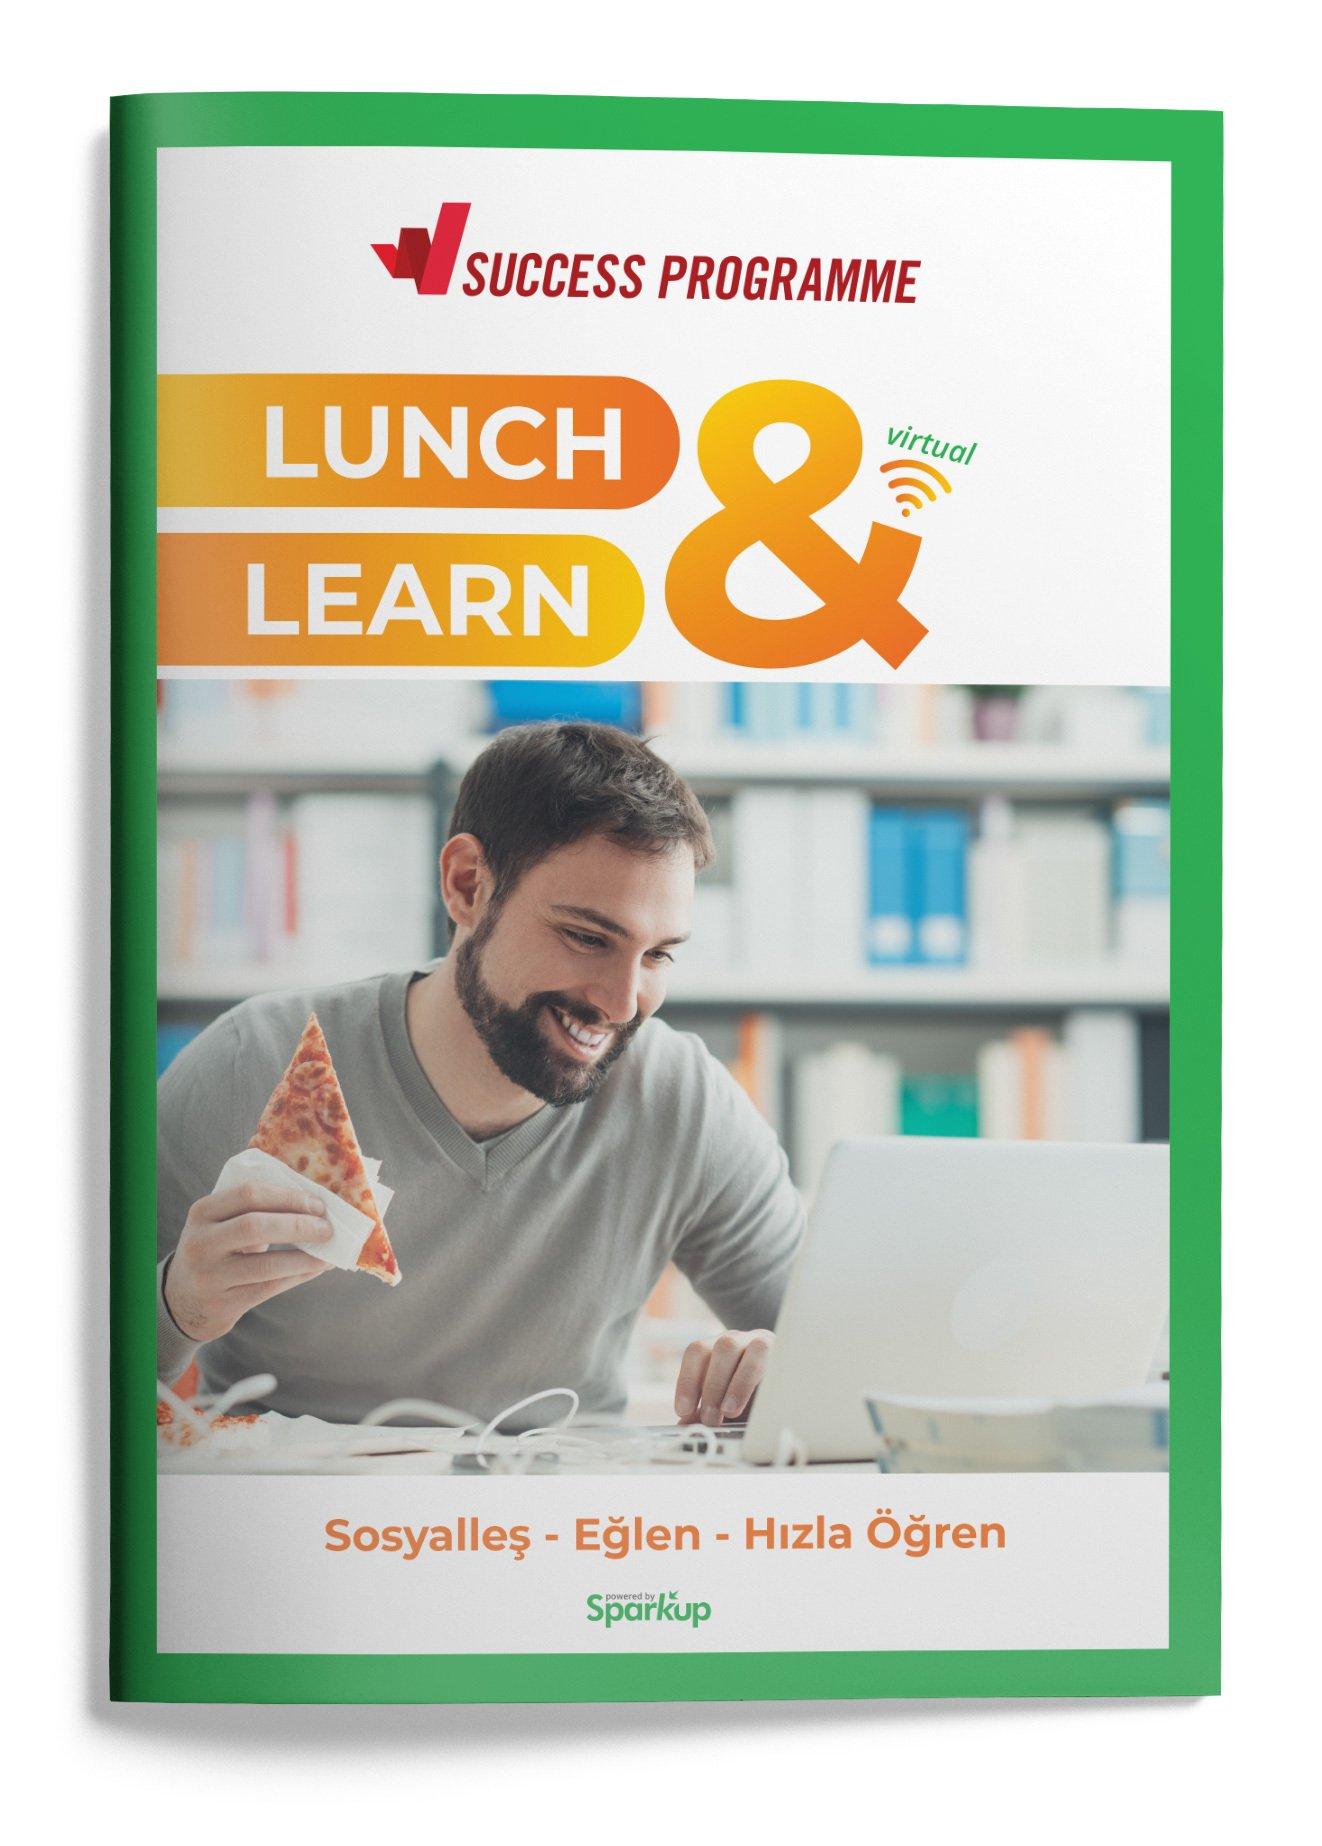 lunch-and-learn-hem-sosyalles-hem-eglen-hem-de-ogren